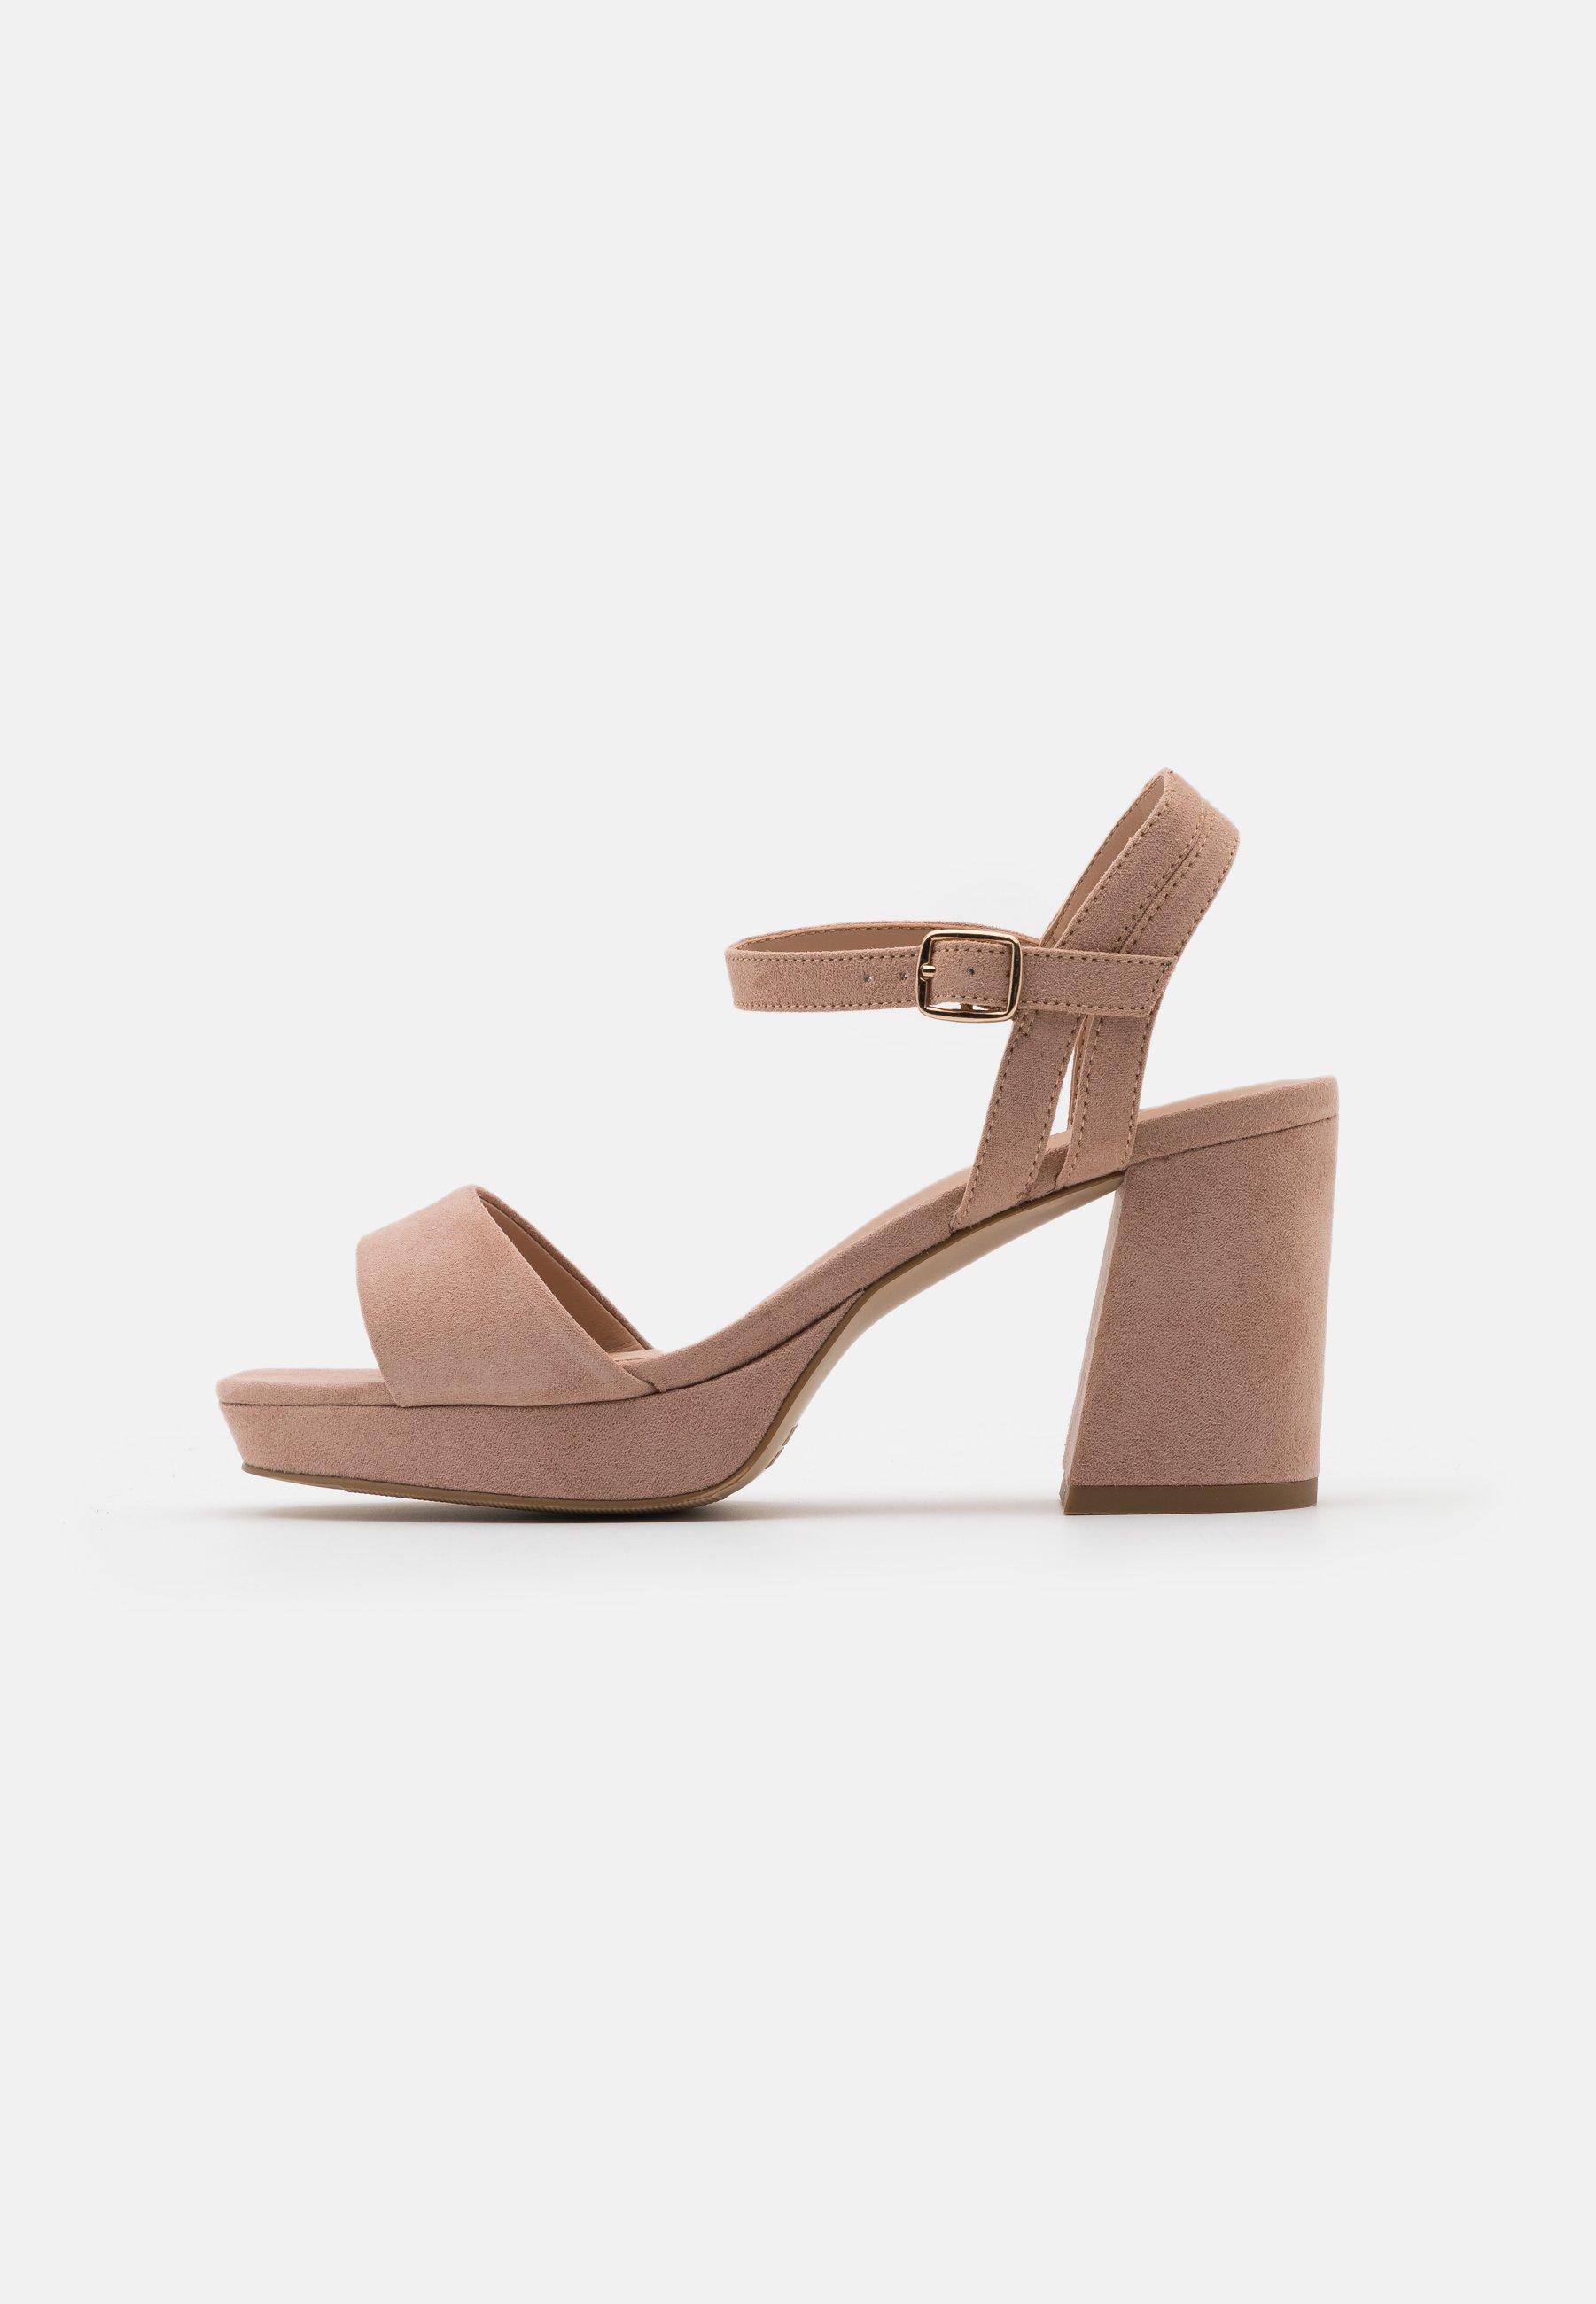 Sandali da donna | La collezione su Zalando